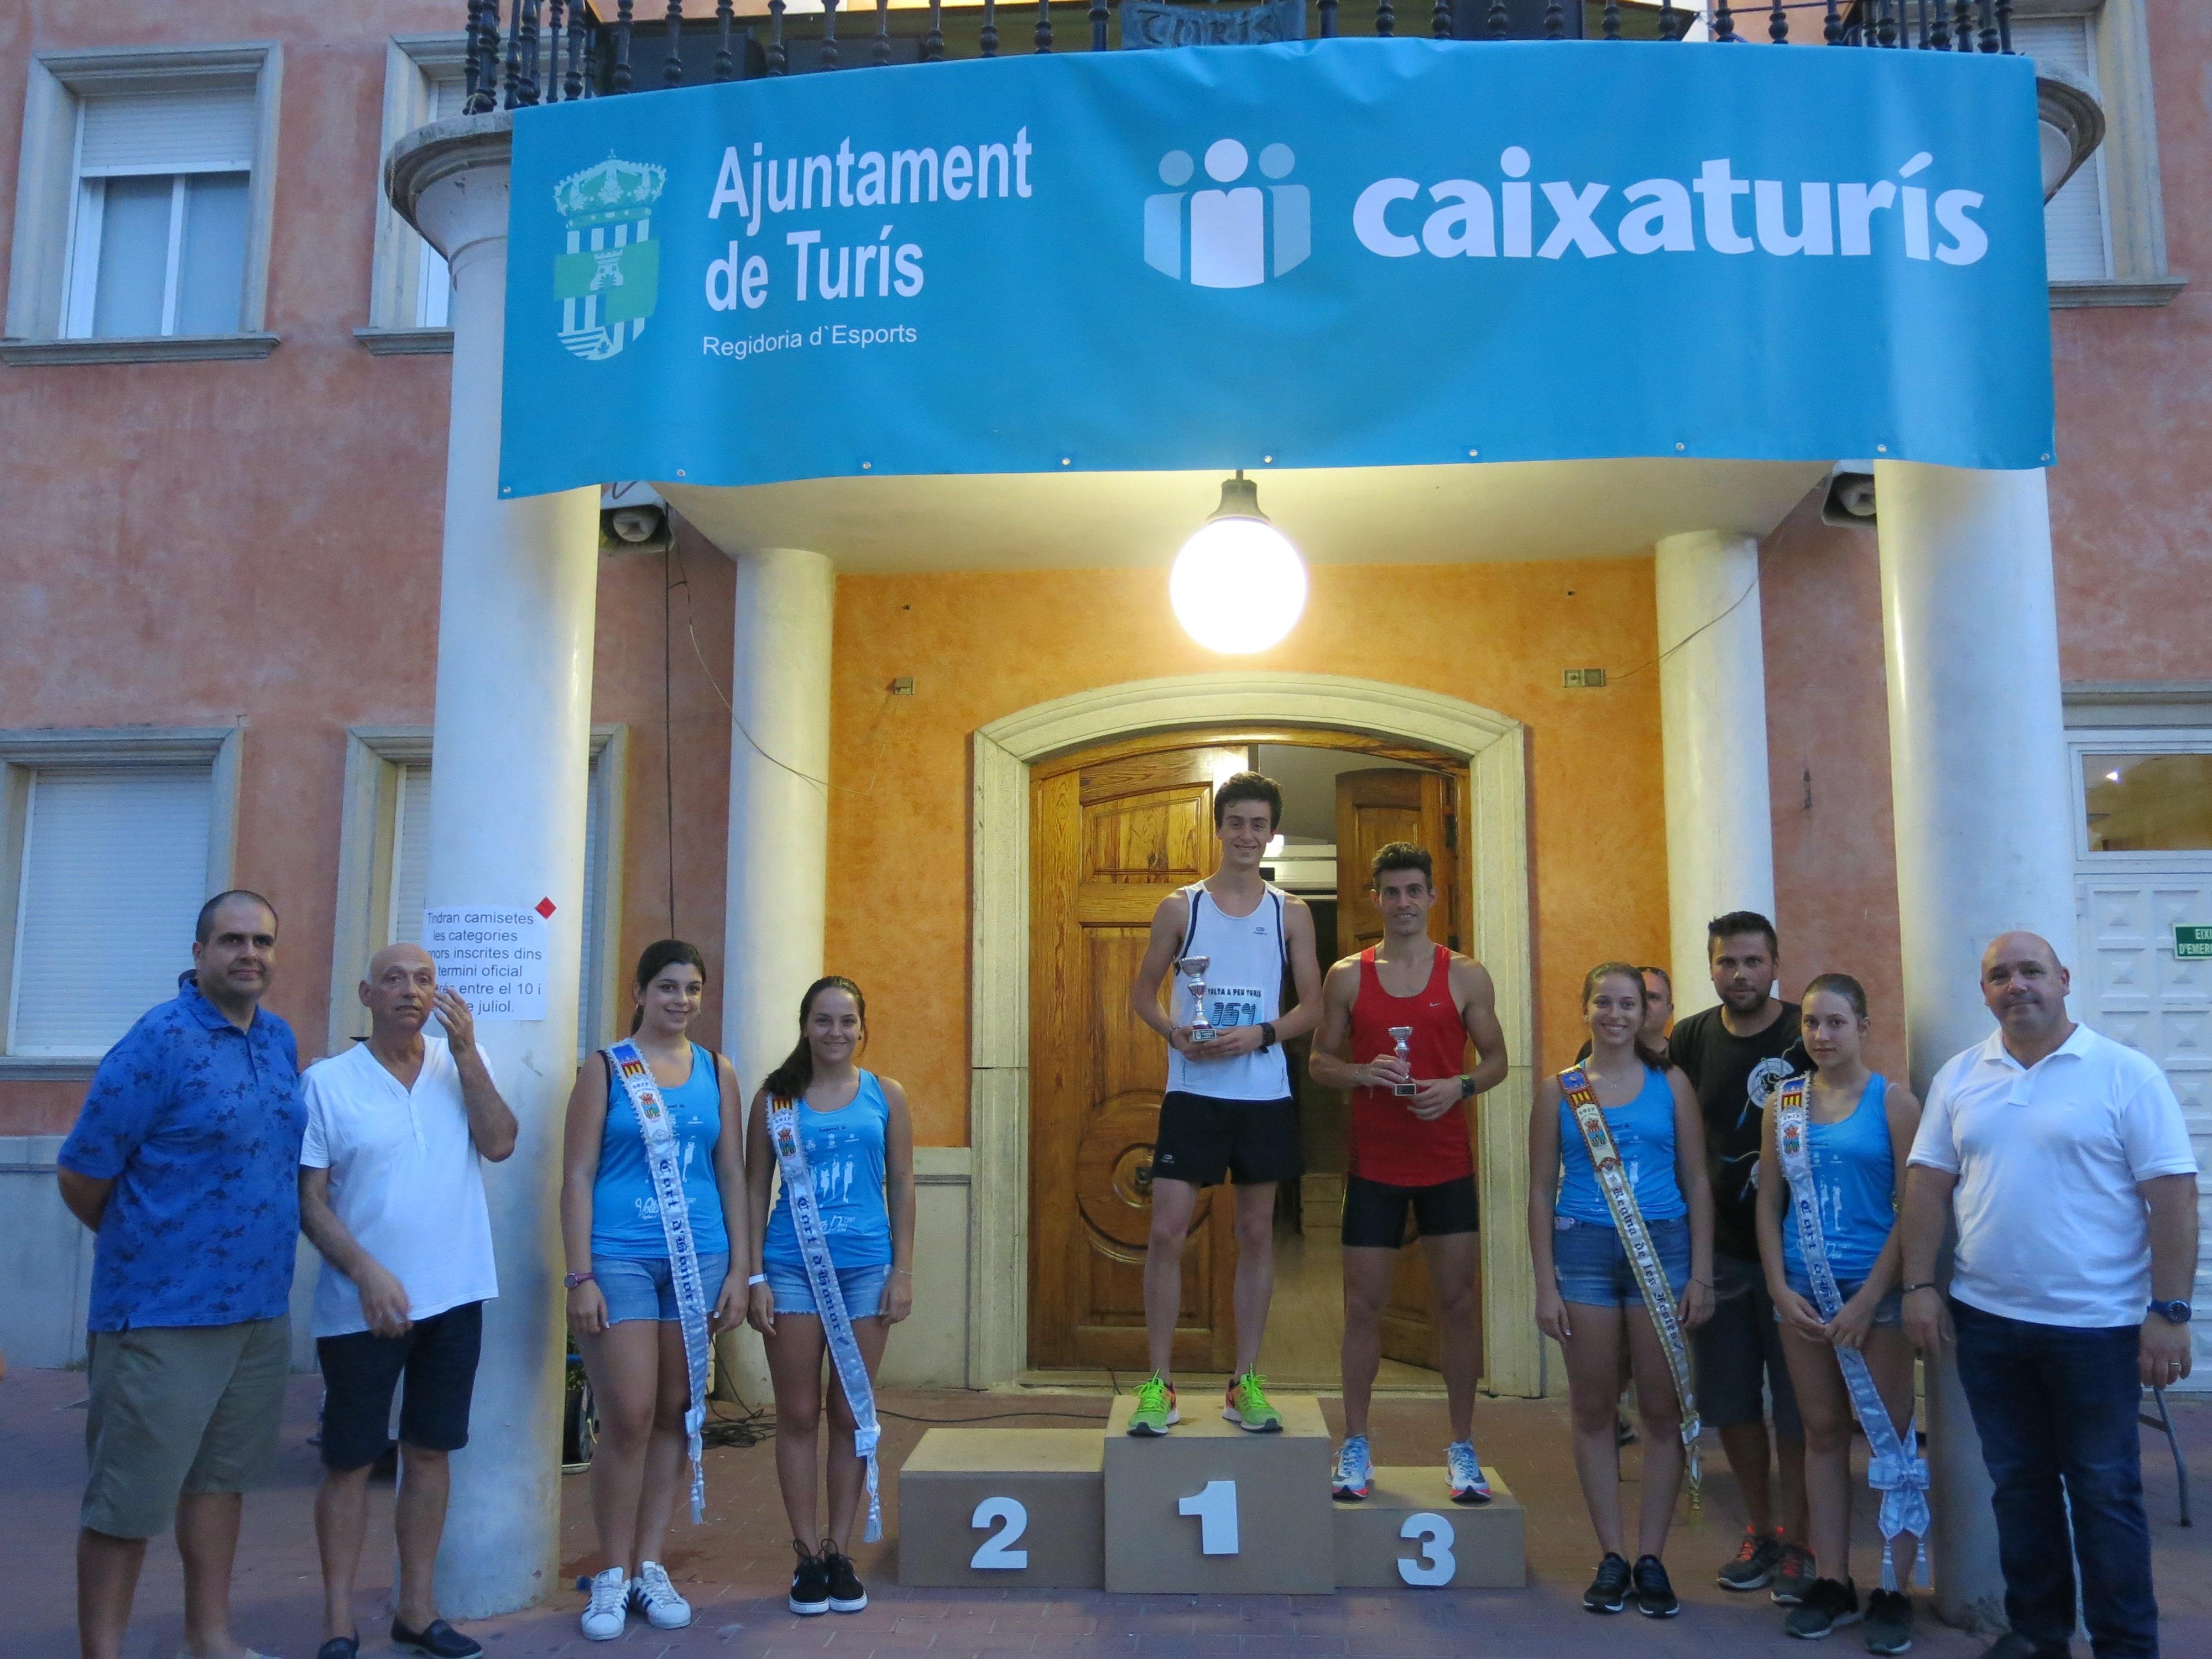 Podio de los vencedores locales de la carrera de Turís.